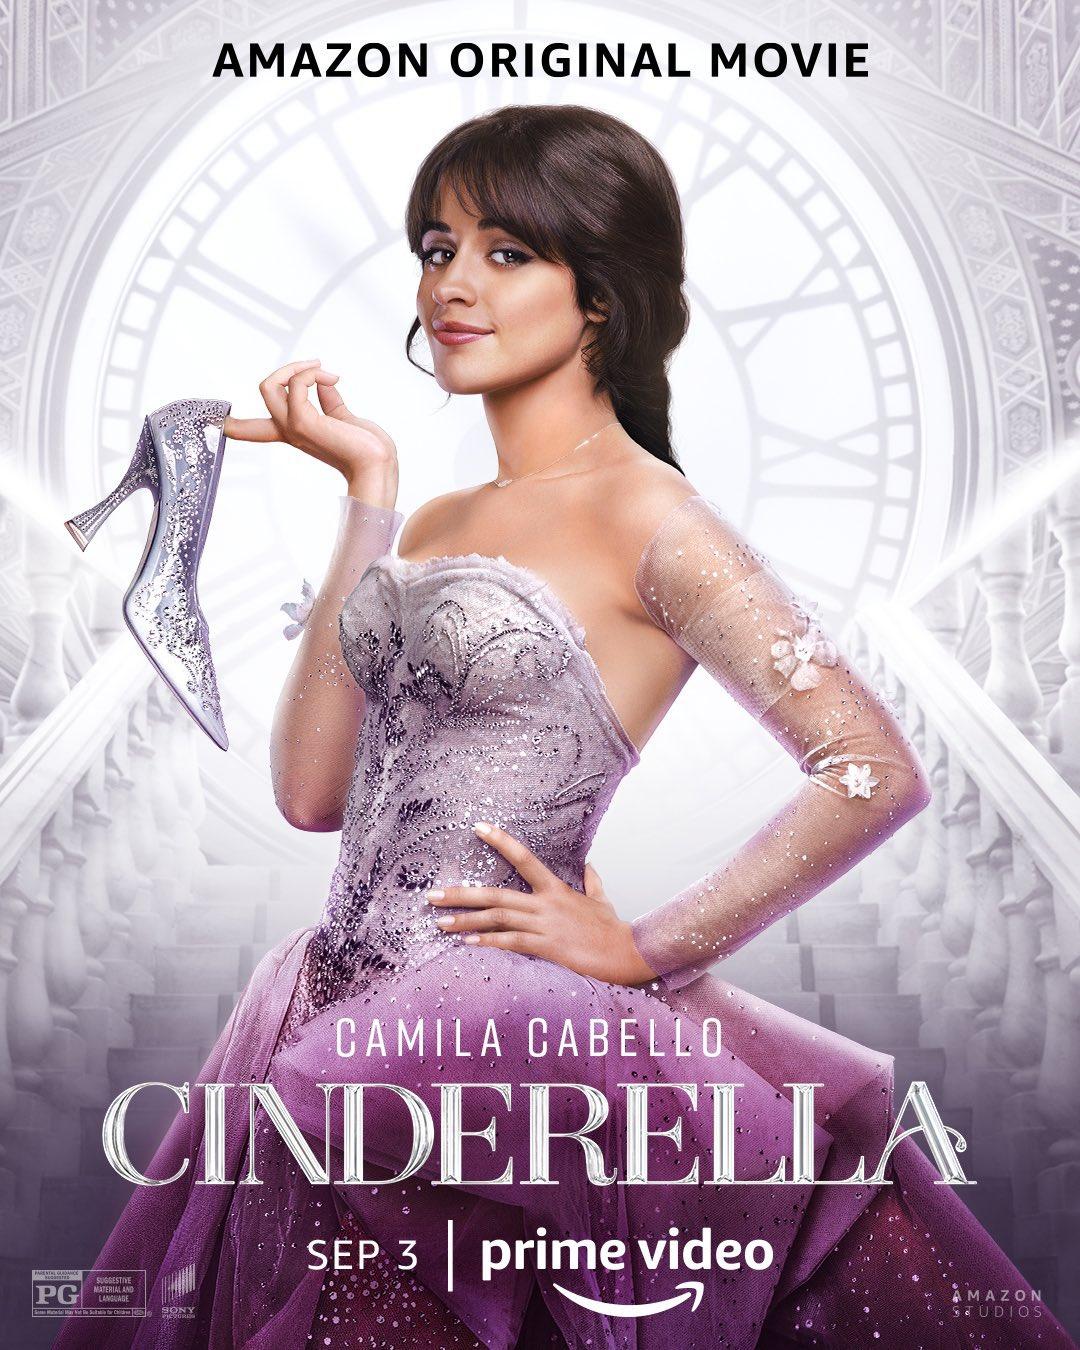 poster officiel du film de comédie musicale Cinderella avec Camila Cabello.